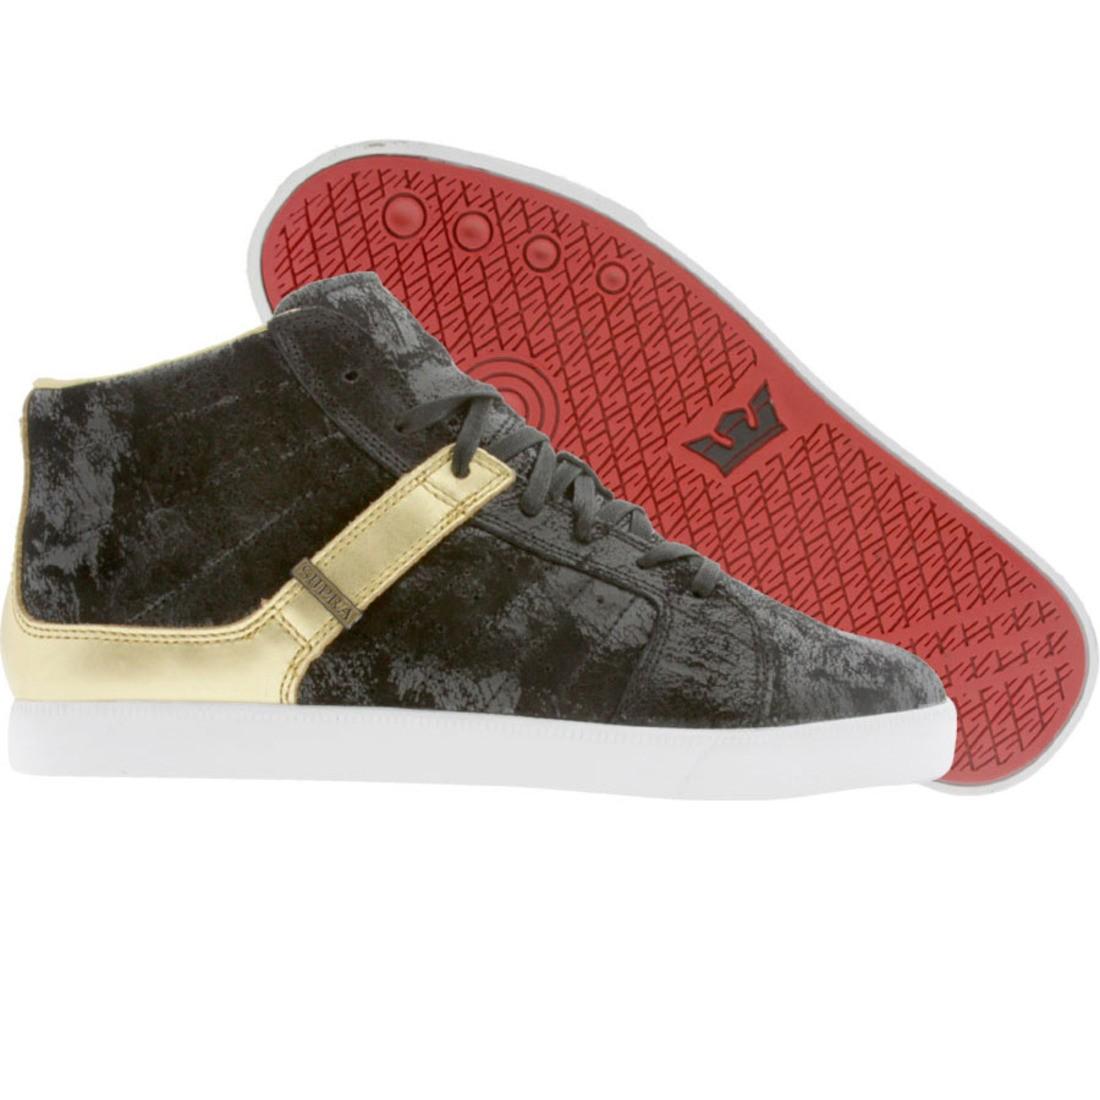 【海外限定】スープラ 黒 ブラック スニーカー 靴 【 SUPRA BLACK INDY NS DISTRESSED GOLD 】